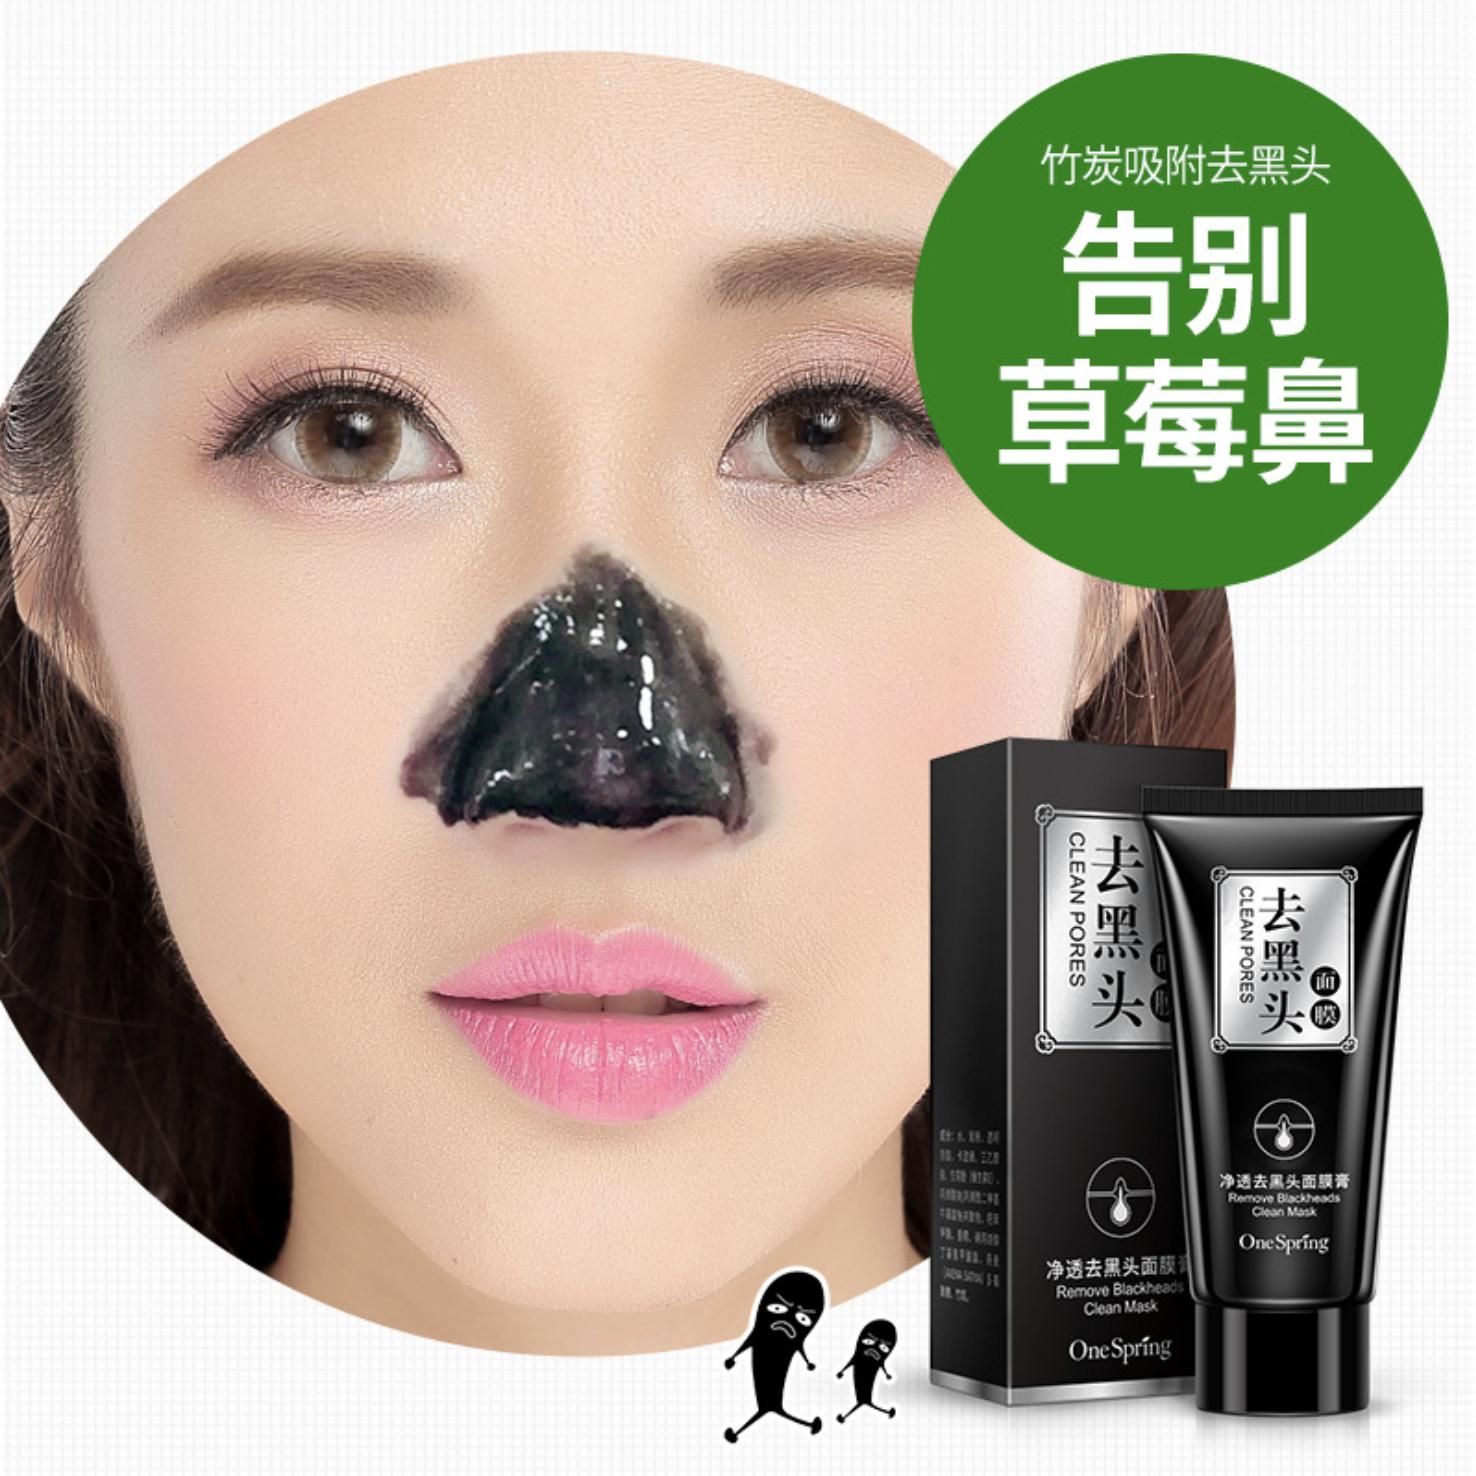 Черная маска-пленка от черных точек и прыщей, 60гр.